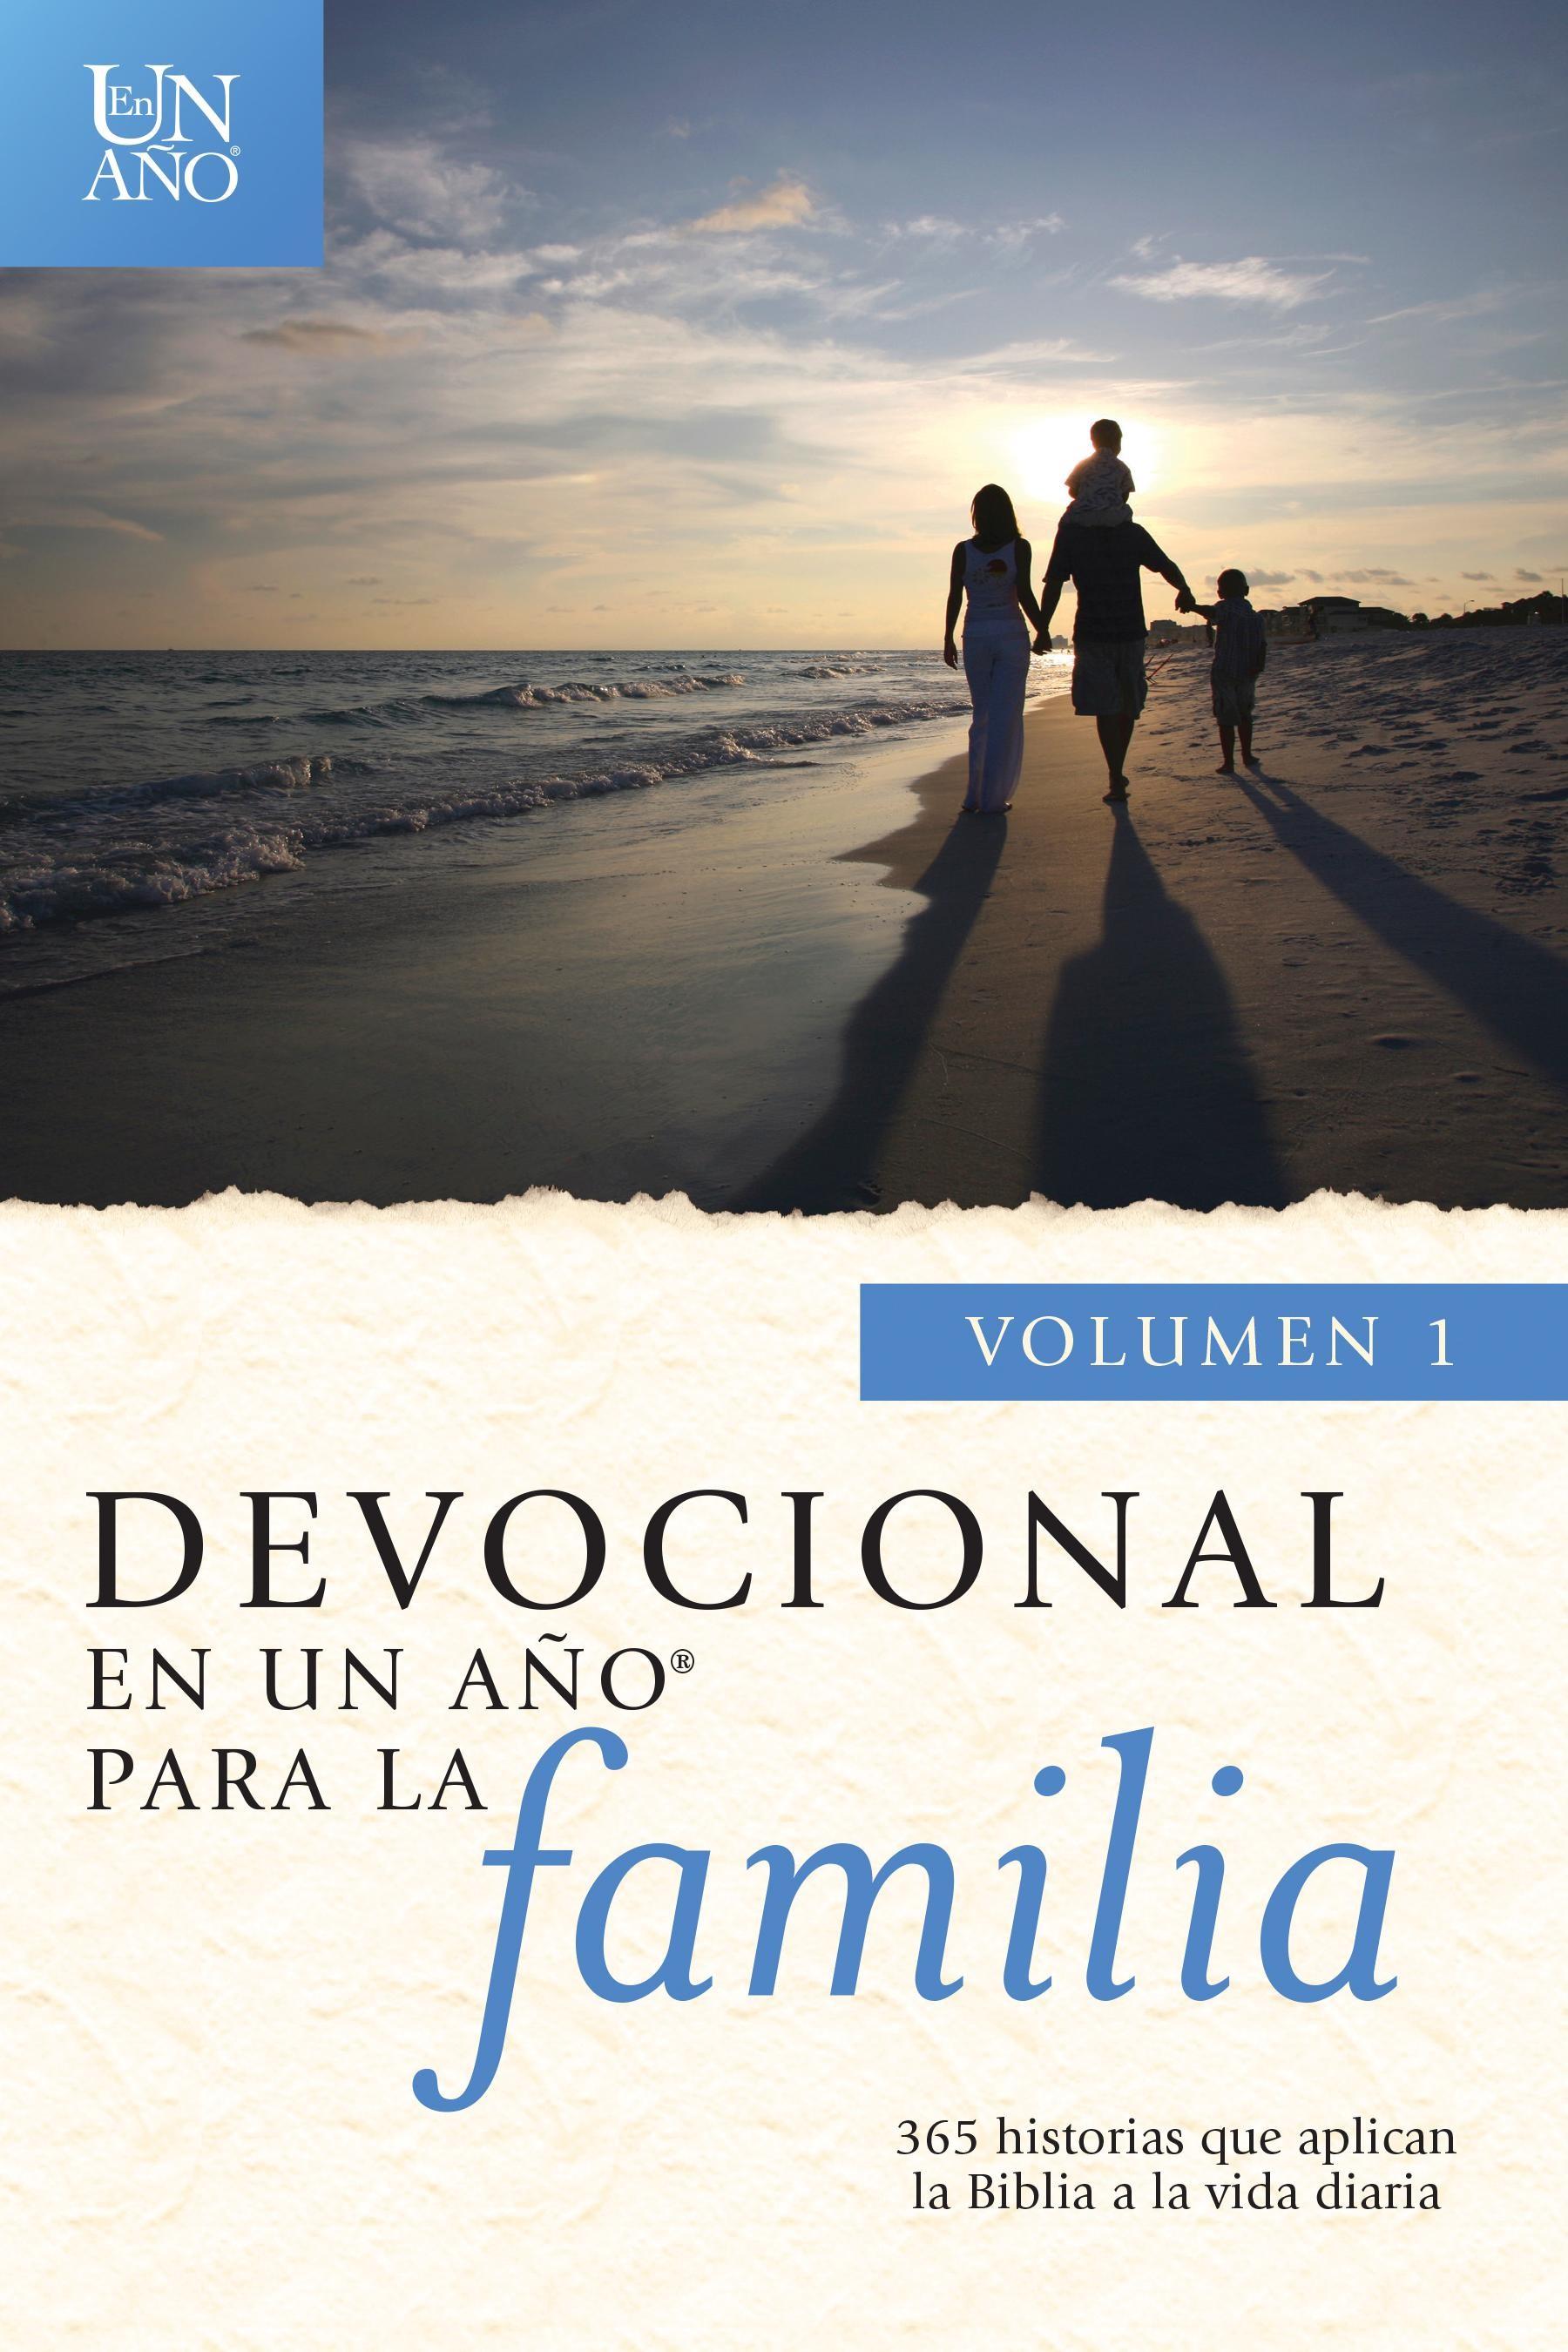 The Devocional en un año para la familia volumen 1